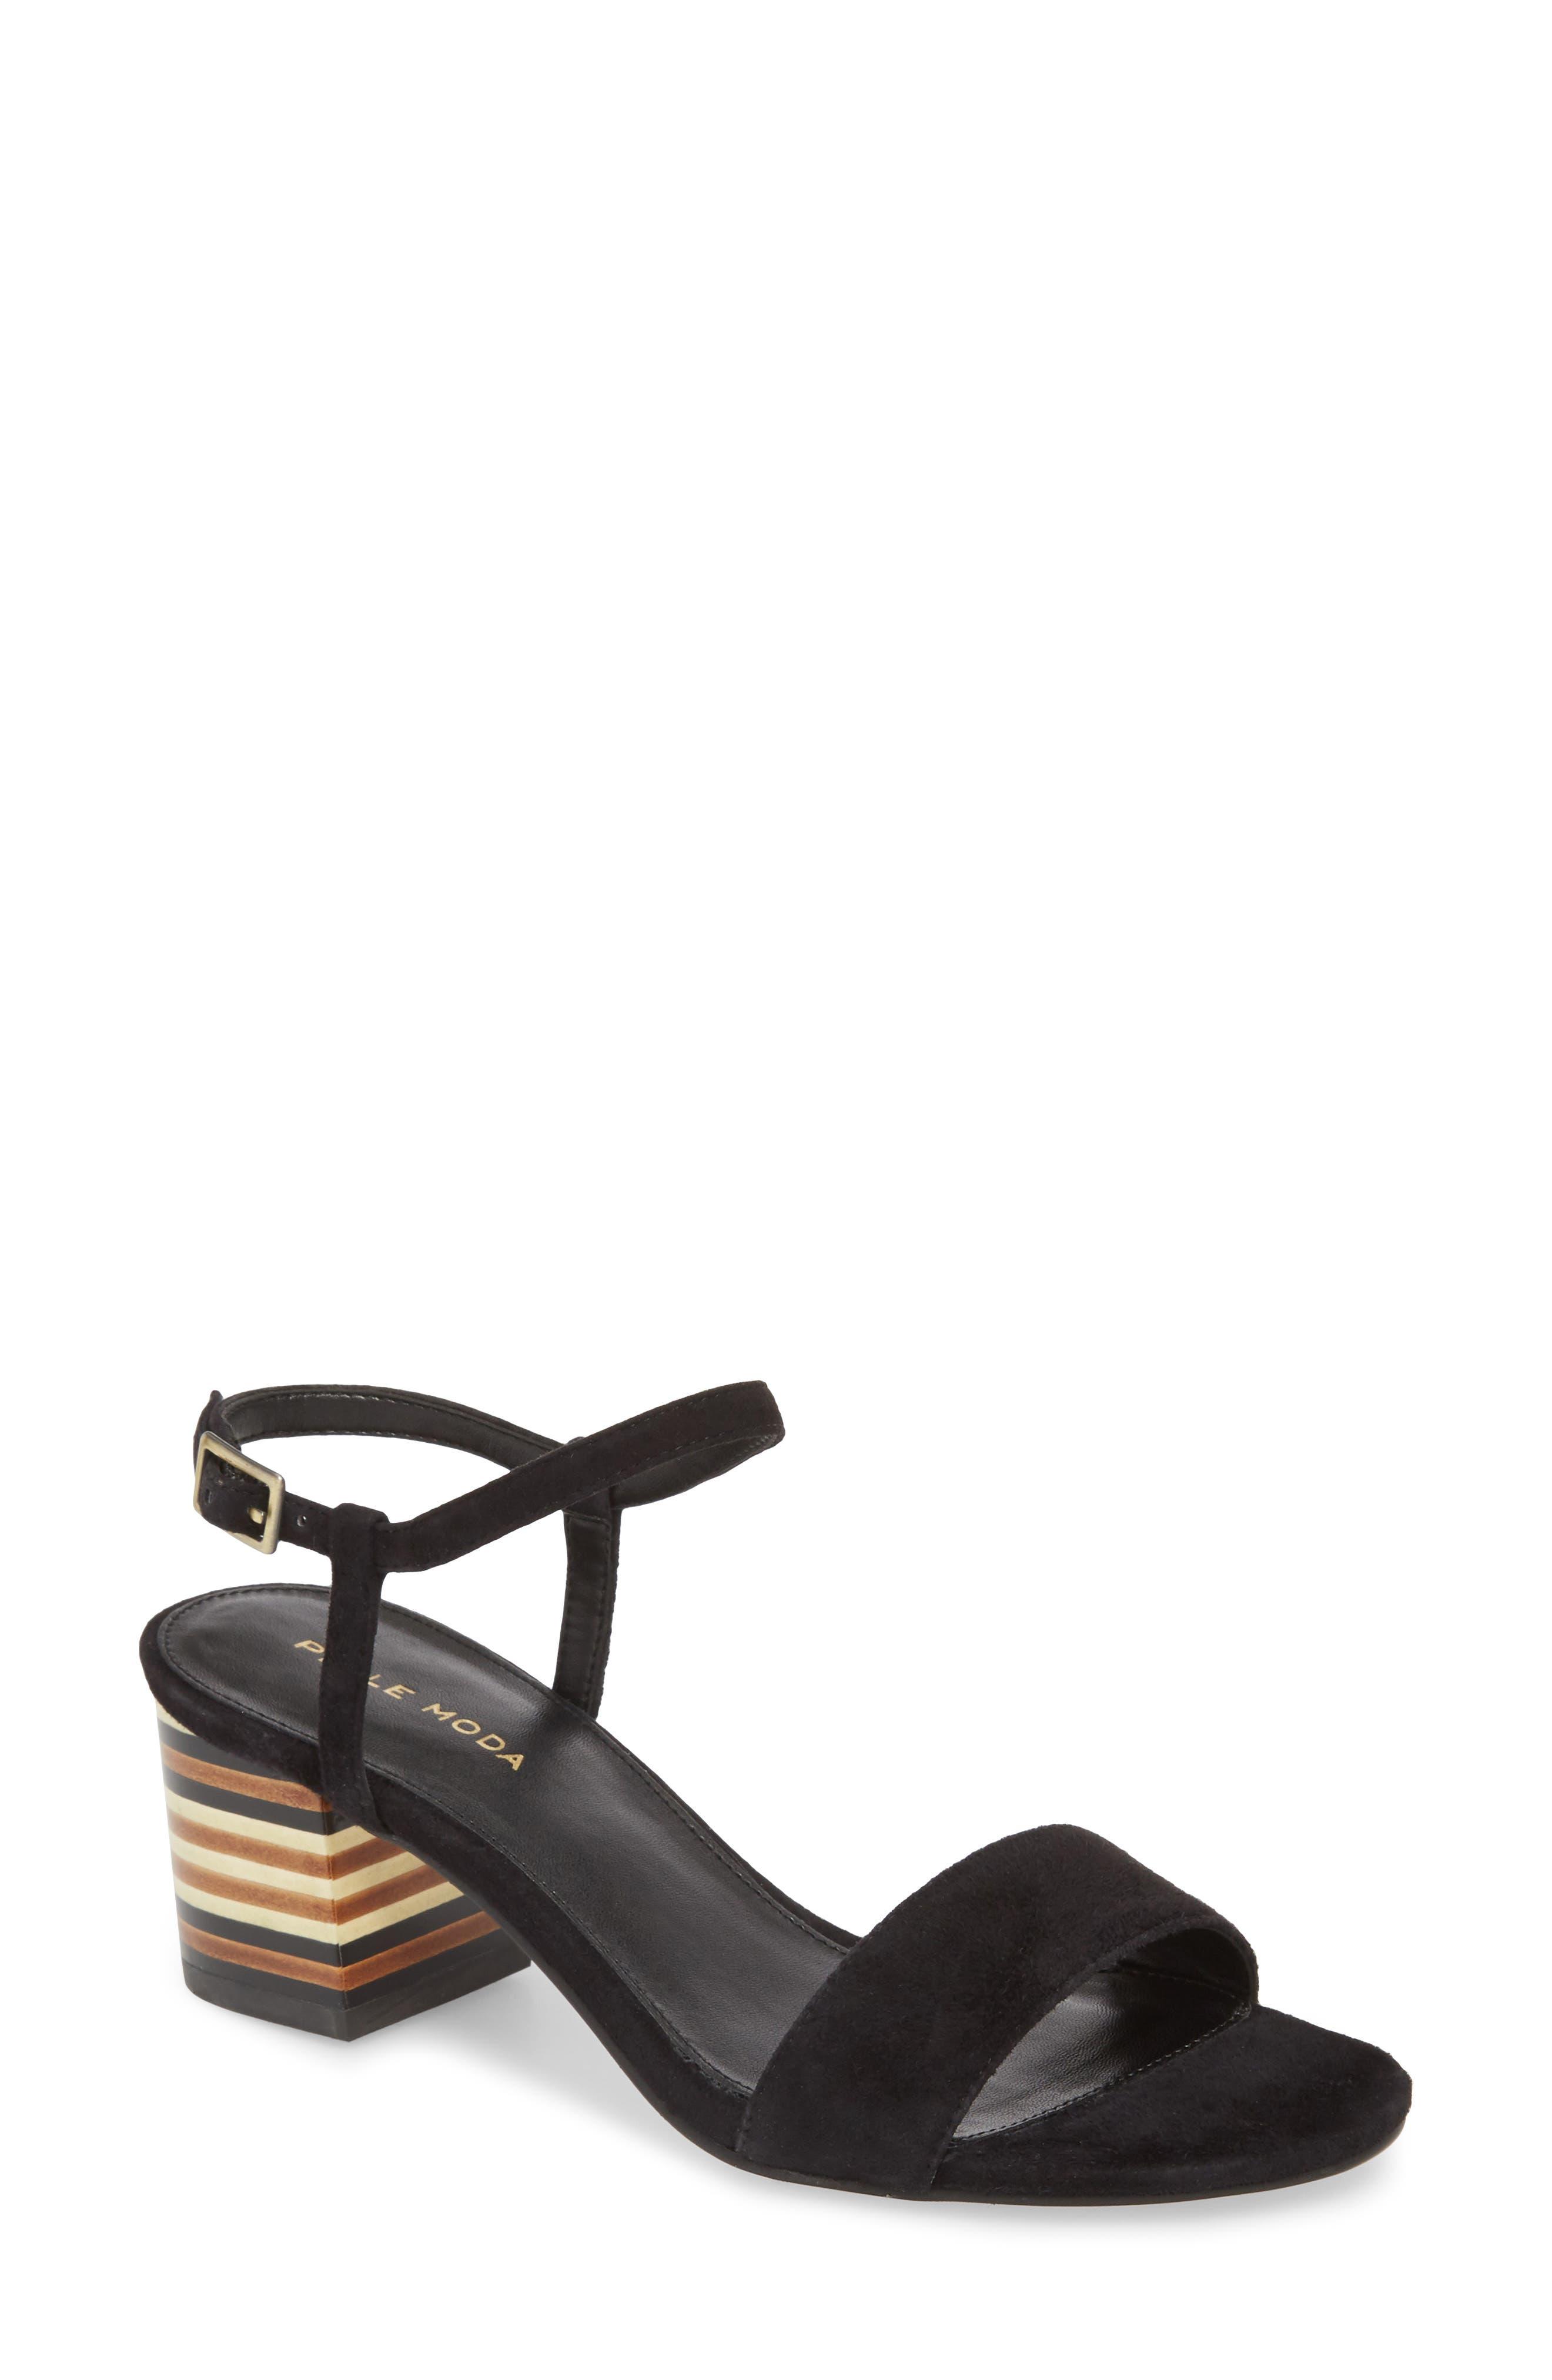 Alicia Block Heel Sandal,                         Main,                         color, BLACK SUEDE